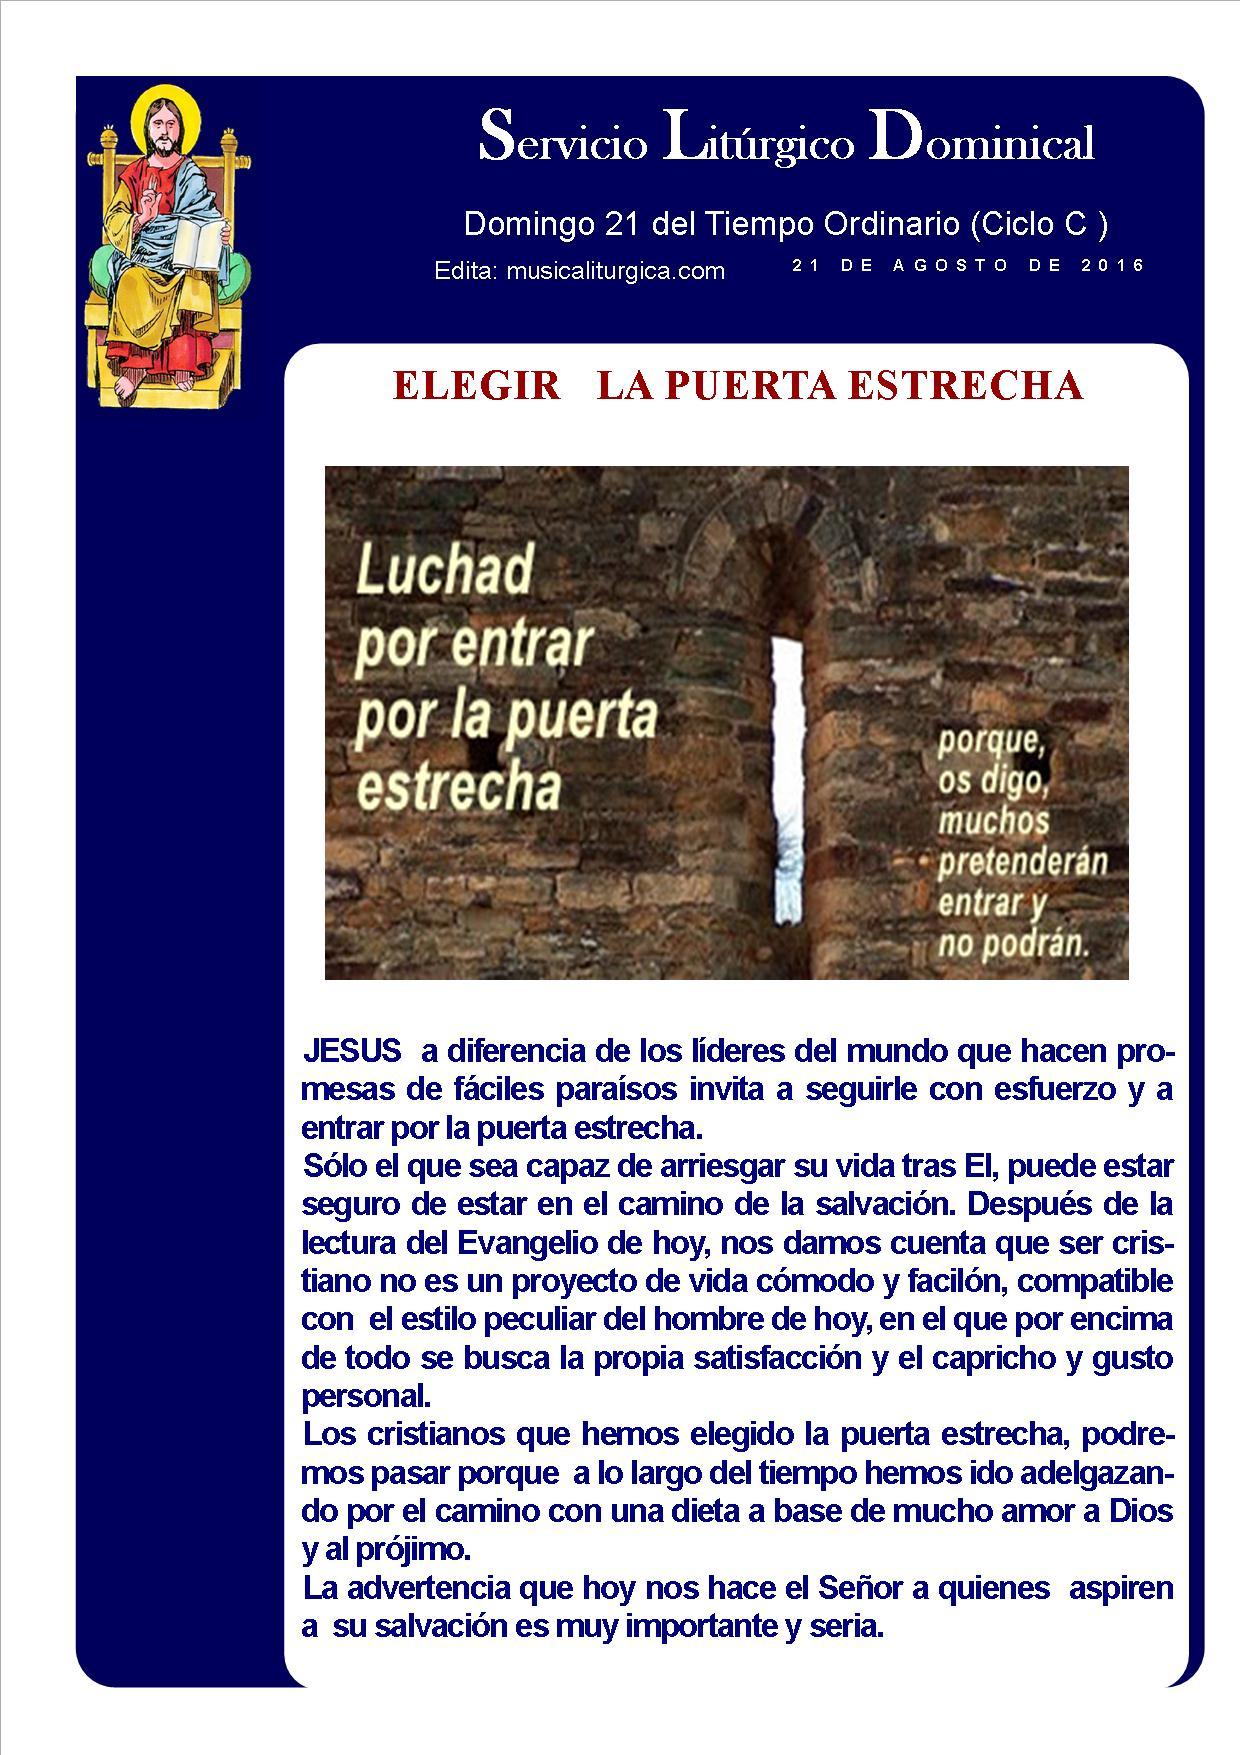 http://www.musicaliturgica.com/material_estatico_1764_1617658874.jpg